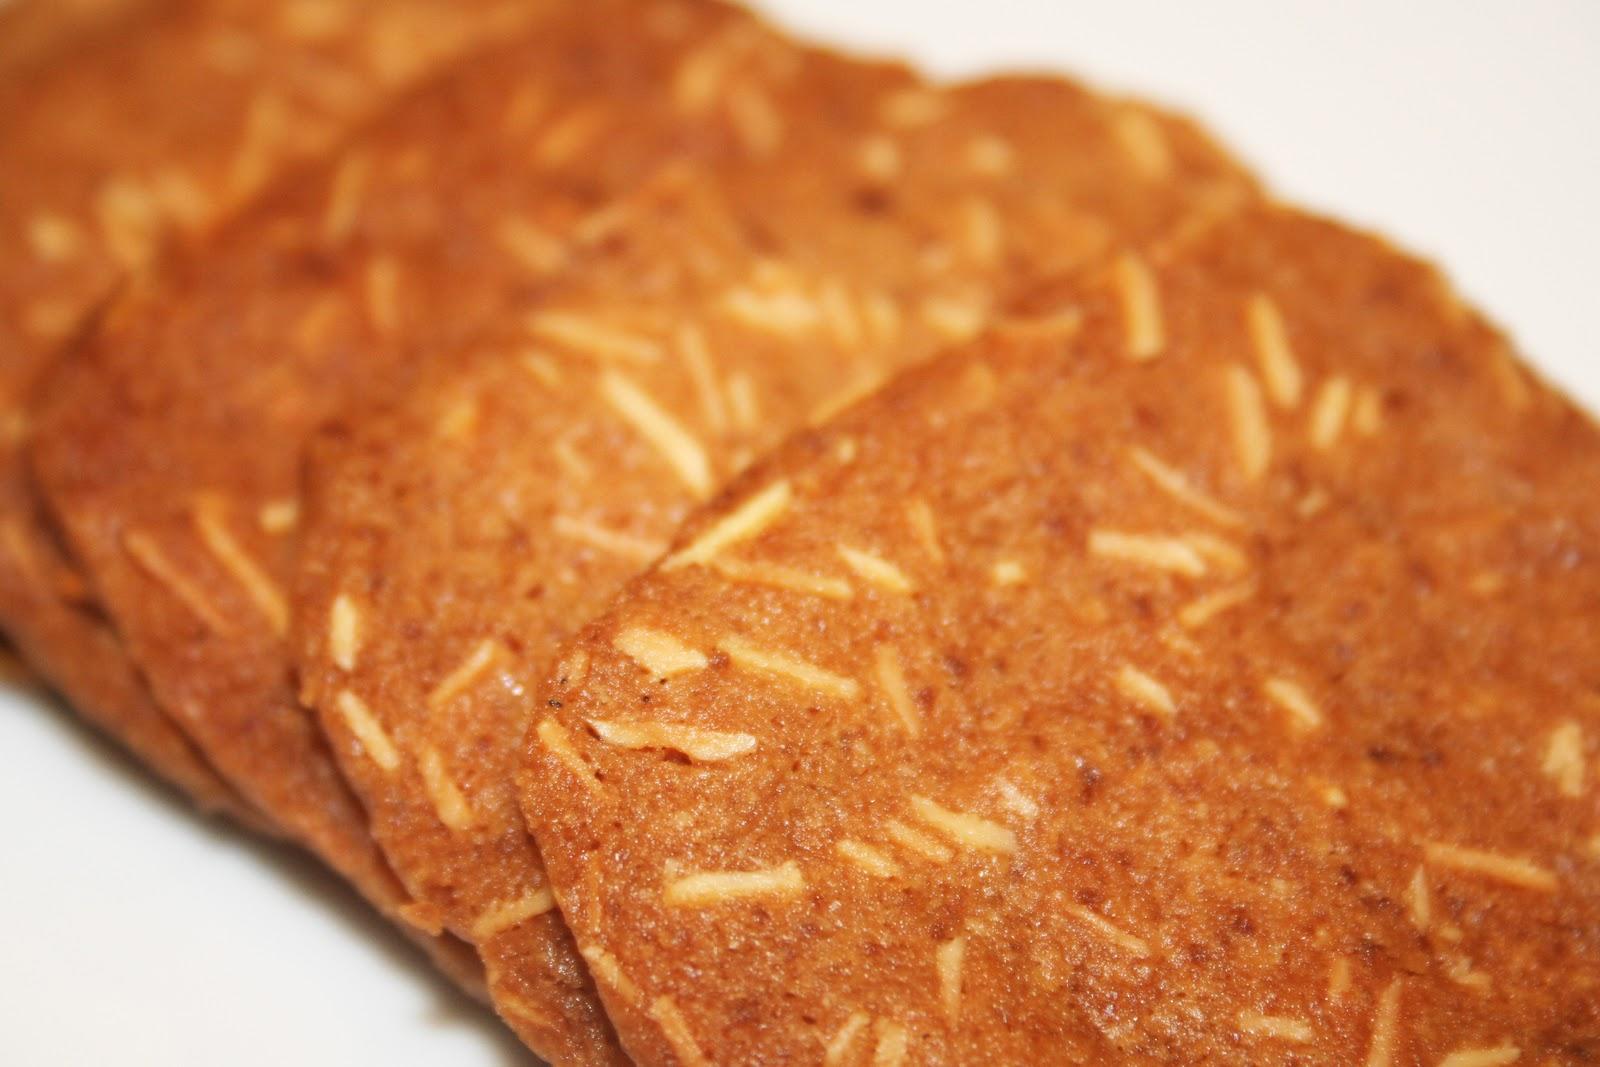 Recette gateau biscuit amande